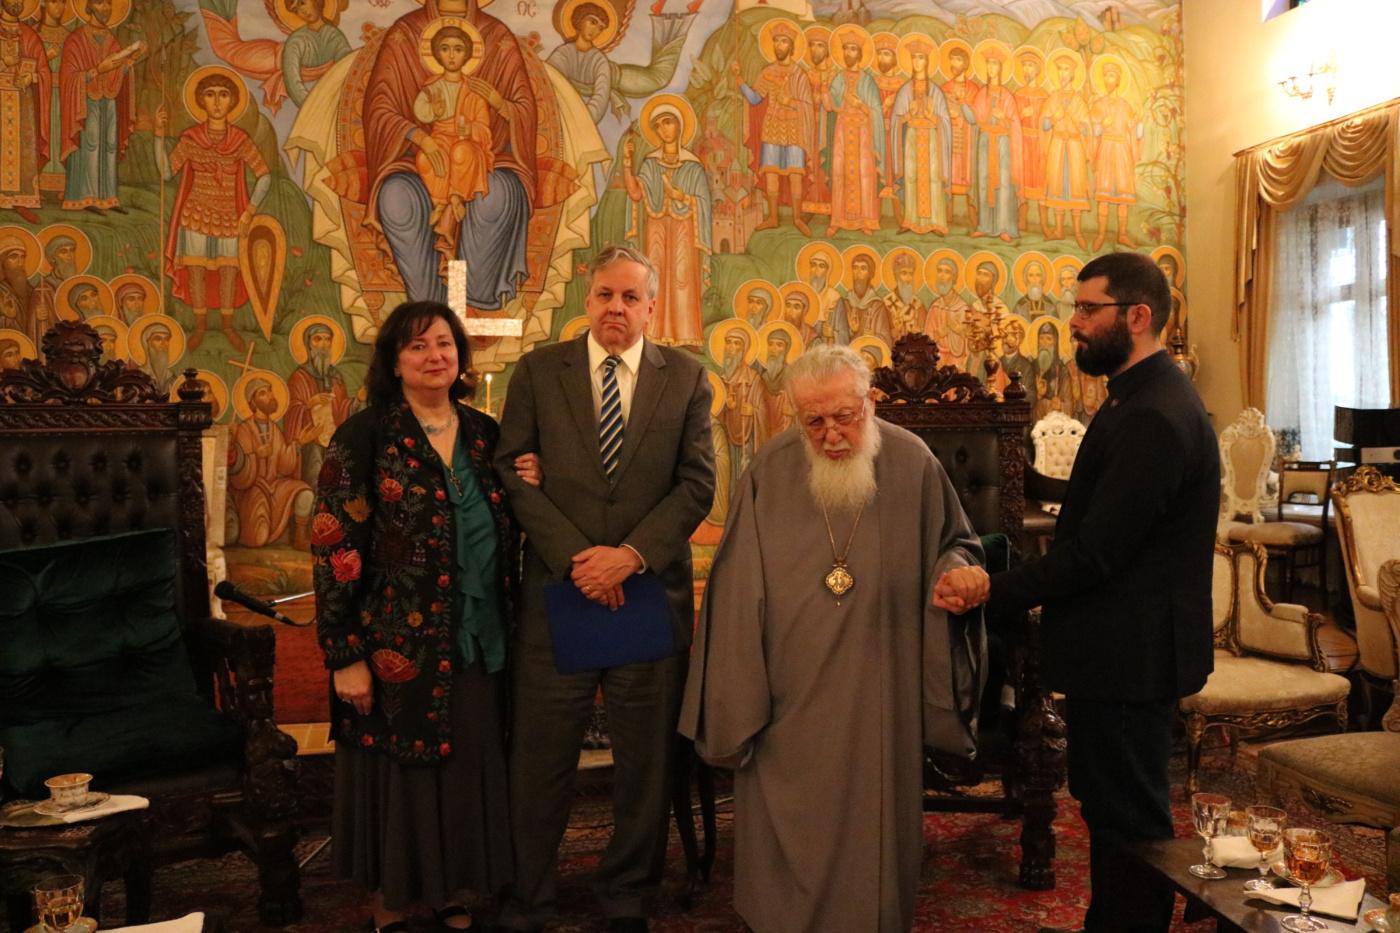 """AMBASADORUL SUA in GEORGIA, elogios despre ortodoxia georgiana: <i>""""Biserica a fost puterea care a salvat țara în perioadele de criză&#8221;</i>/ O VESTE BUNA: RESTAURAREA STATUTULUI OREI DE RELIGIE/ Nouă sfinți români în calendarul Rusiei/ BISERICA SERBIEI si-a modificat statutul. Una din mize: KOSOVO"""